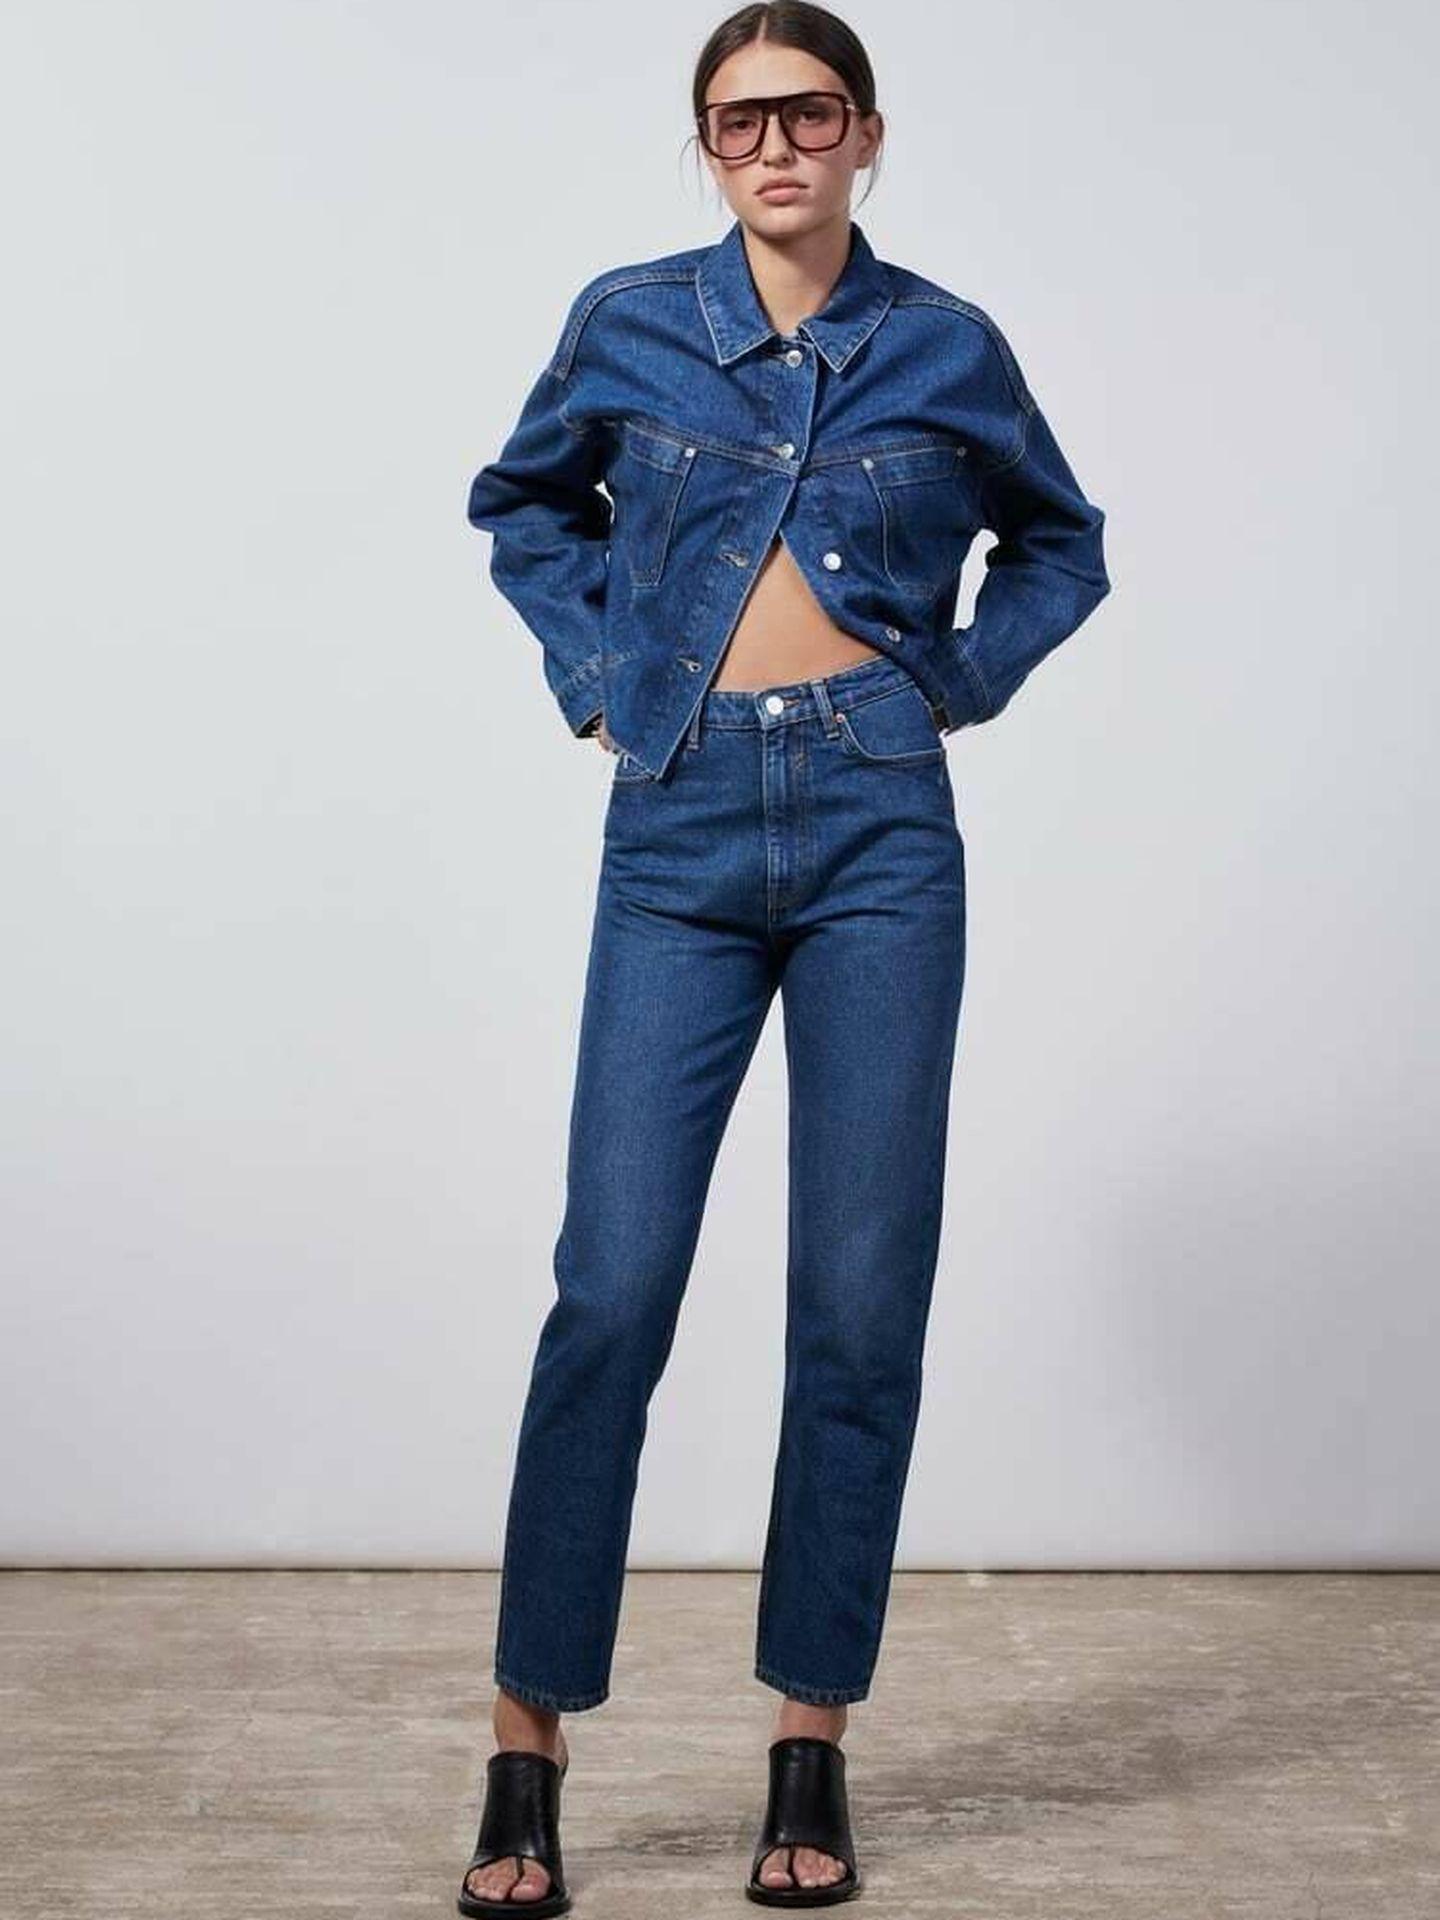 El nuevo pantalón vaquero de Zara. (Cortesía)